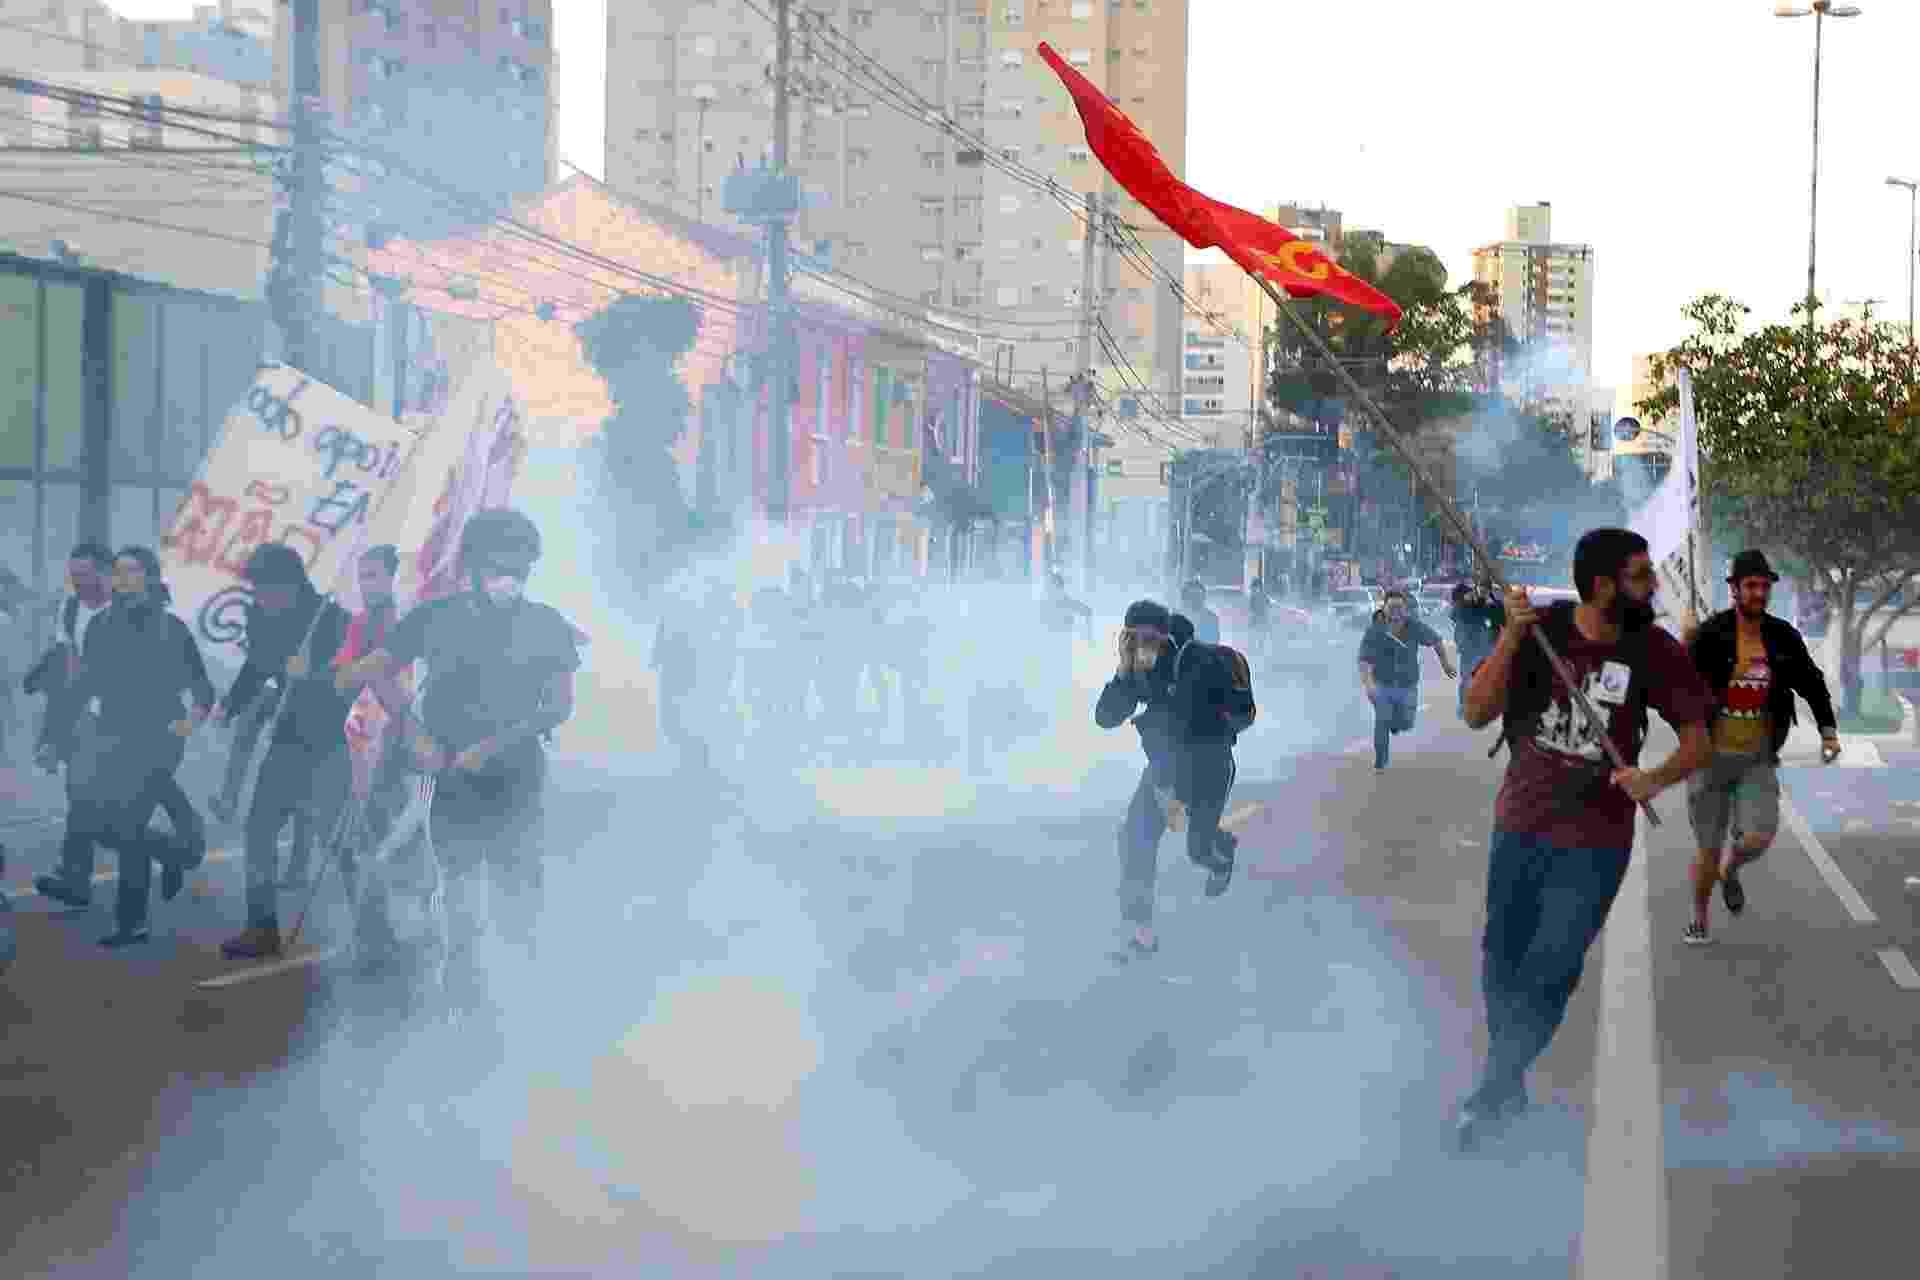 9.jun.2014 - Grevistas correm após a Tropa de Choque lançar bombas de gás lacrimogêneo durante protesto em frente a estação Ana Rosa, da linha 1-azul do metrô, durante a paralisação dos metroviários em São Paulo. Os metroviários votaram pela continuidade da greve após assembleia. Eles reivindicam reajuste salarial de 35,47%, mas chegaram a reduzir a exigência para 12,2%, índice que inclui a reposição da inflação de 7,98%, apurada pelo IGP-M da FGV, e aumento real - Marcos Bezerra/ Estadão Conteúdo